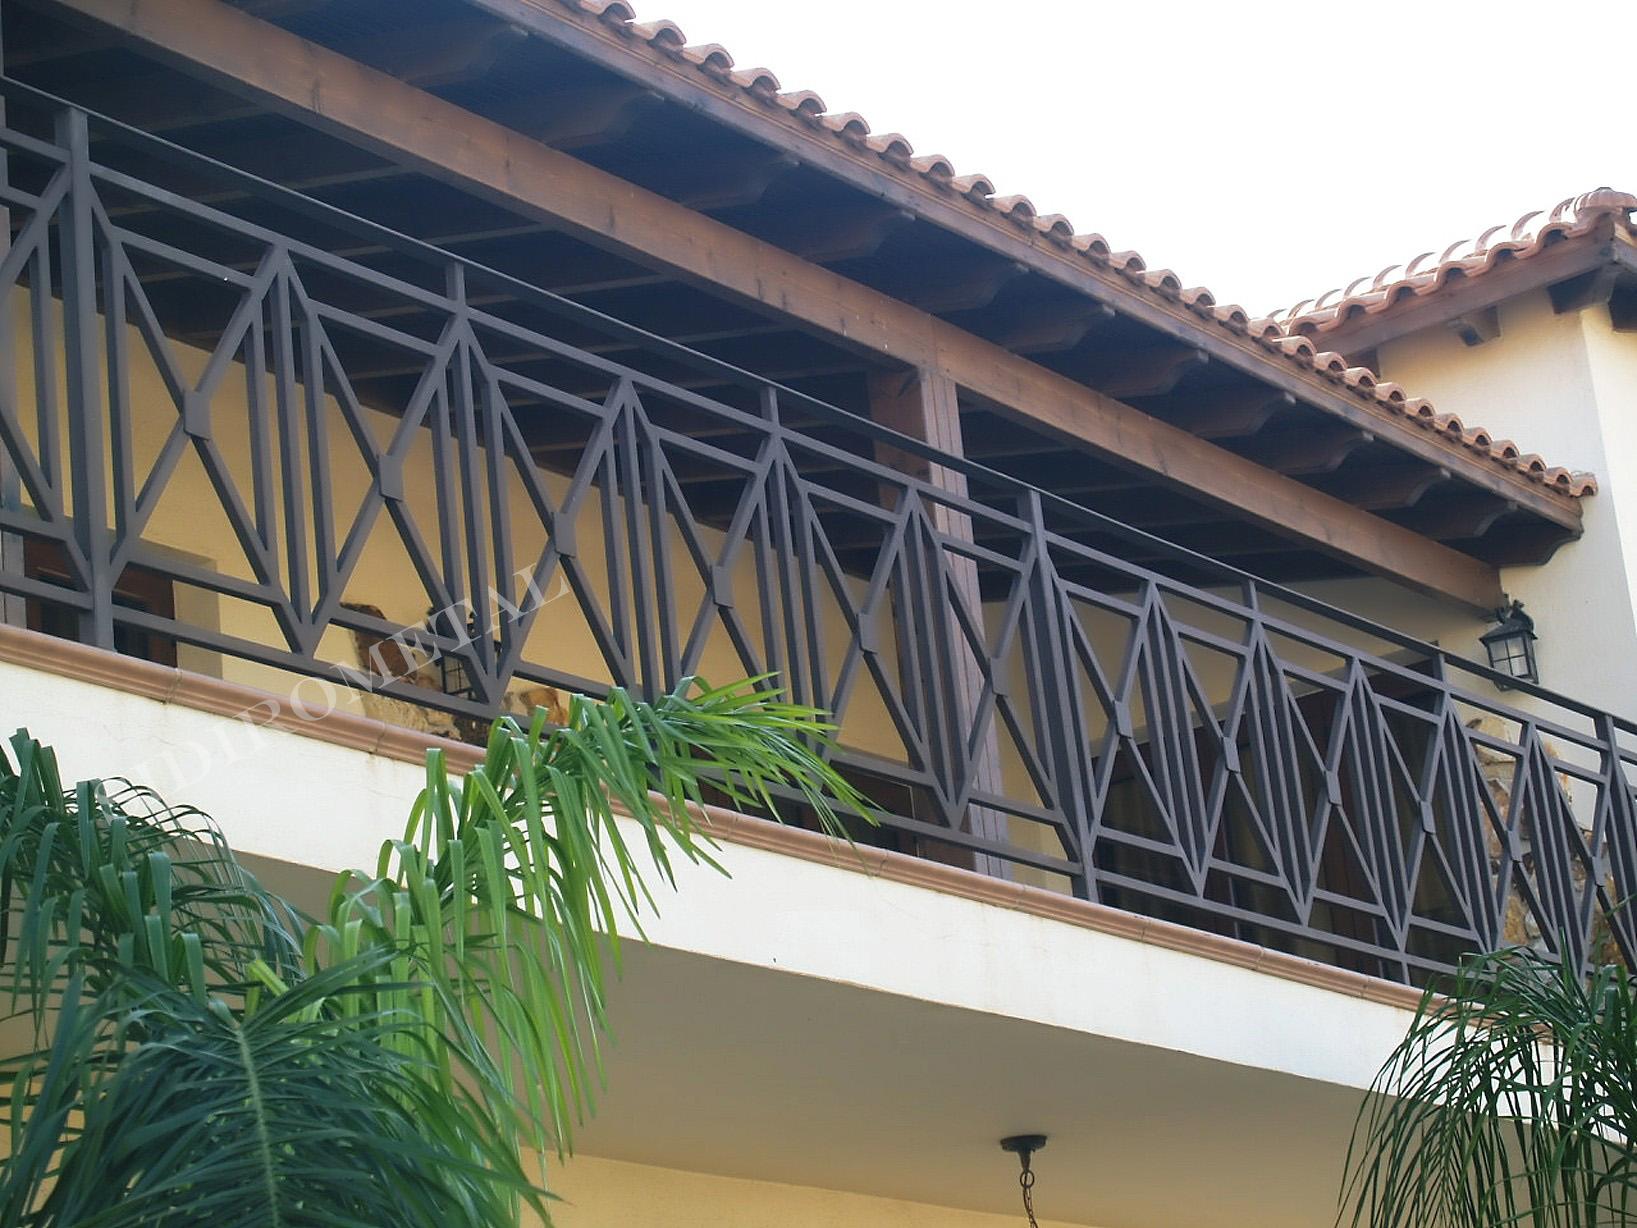 Balcony Banister